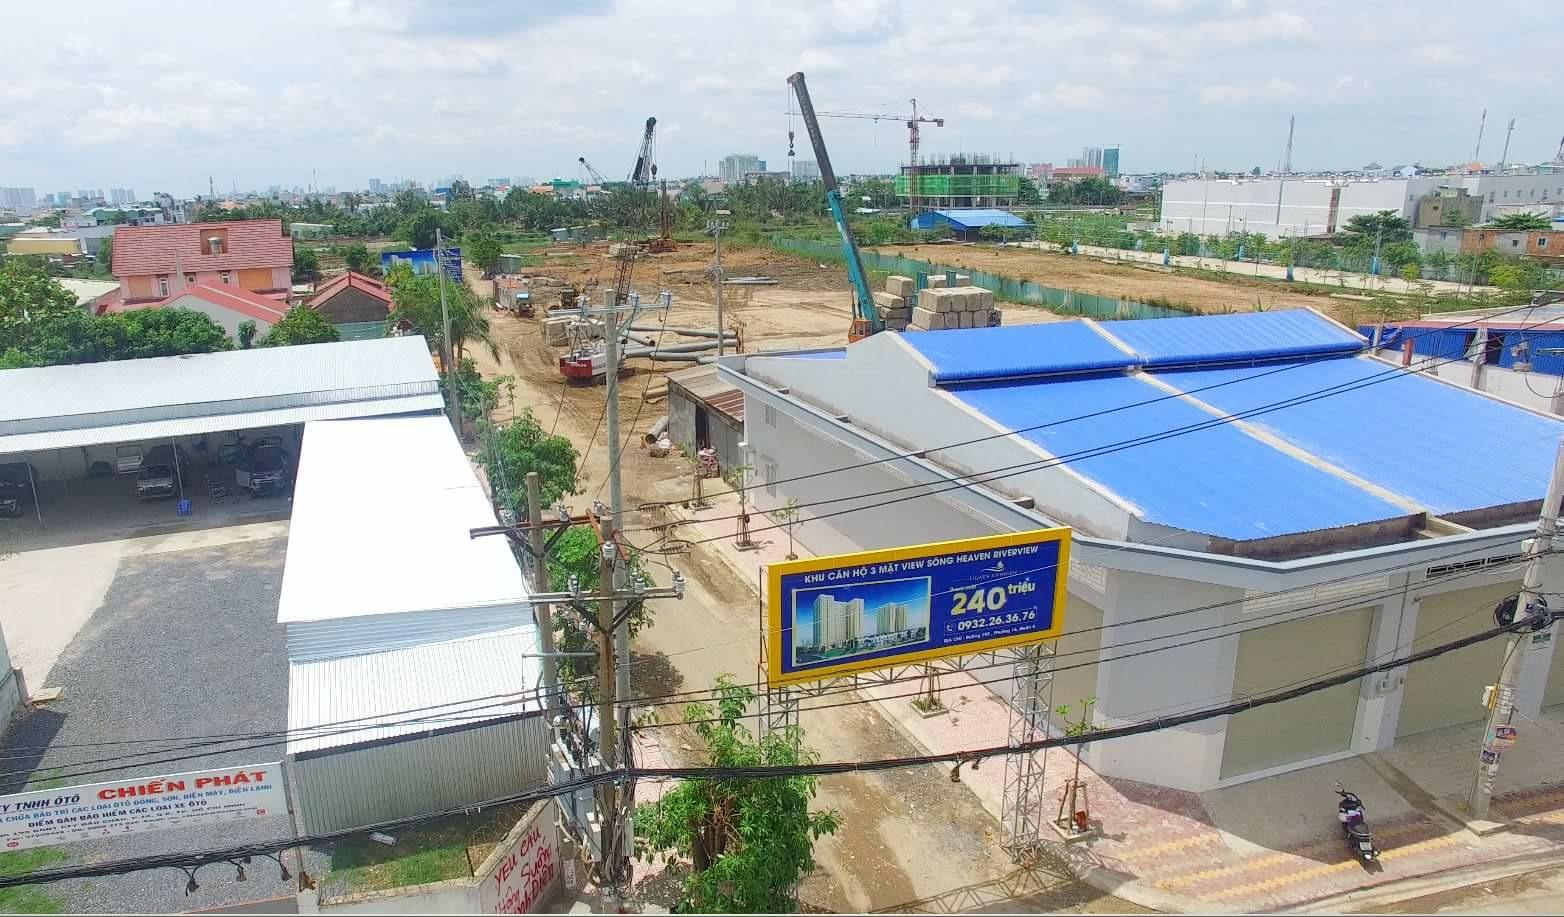 Dự án Heaven Riverview của Công ty nhà An Phú được xây dựng trên khu đất 1,7ha, bao gồm 2 block A và B cao 17 tầng với tổng cộng 960 căn hộ. Dù nằm tại trung tâm quận 8, nhưng dự án có giá từ 900 triệu đến 1,2 tỷ đồng. Hiện dự án đang hoàn thiện phần hầm.